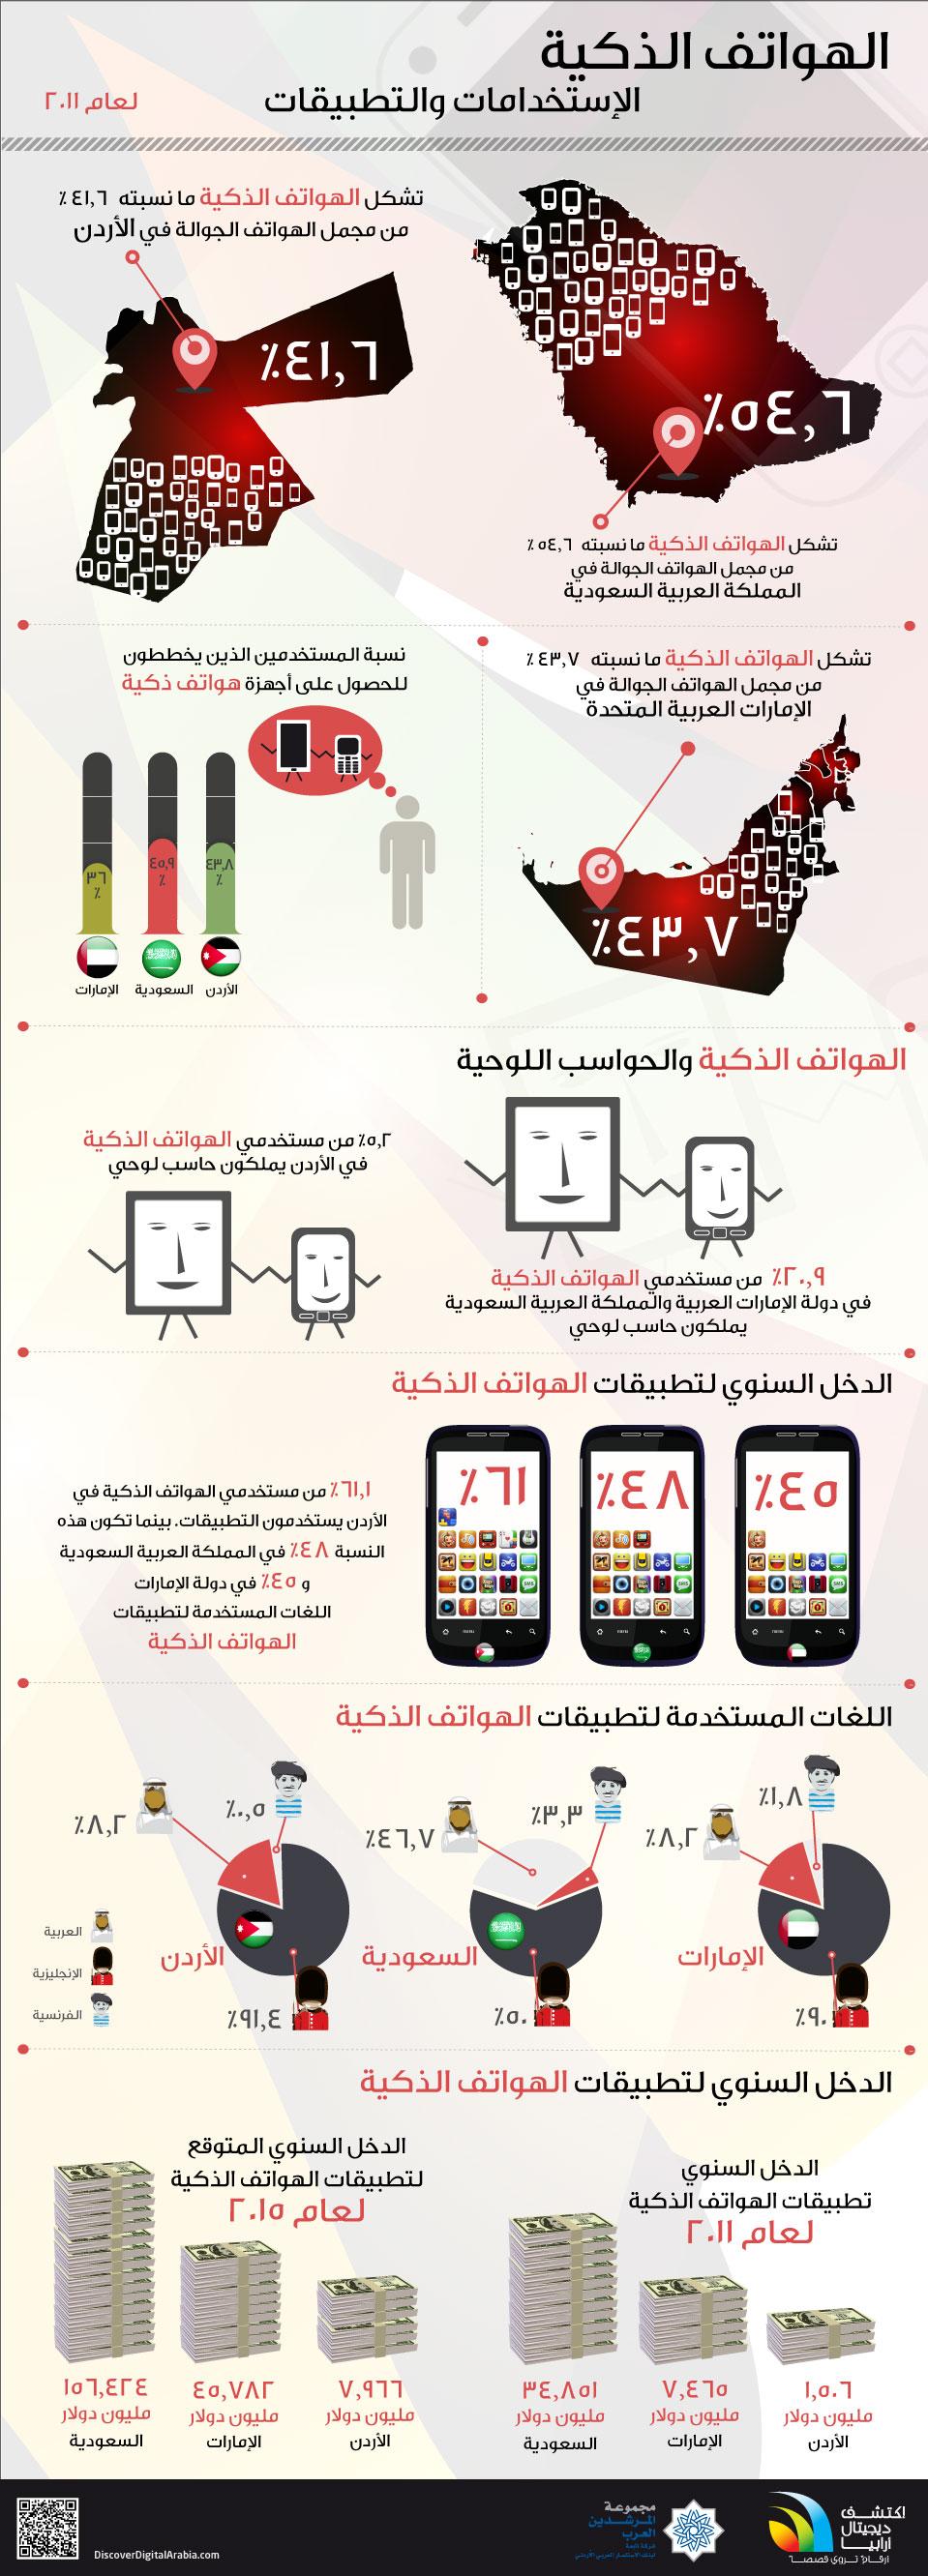 أنفوجرافيك الهواتف الذكية (الإستخدامات والتطبيقات